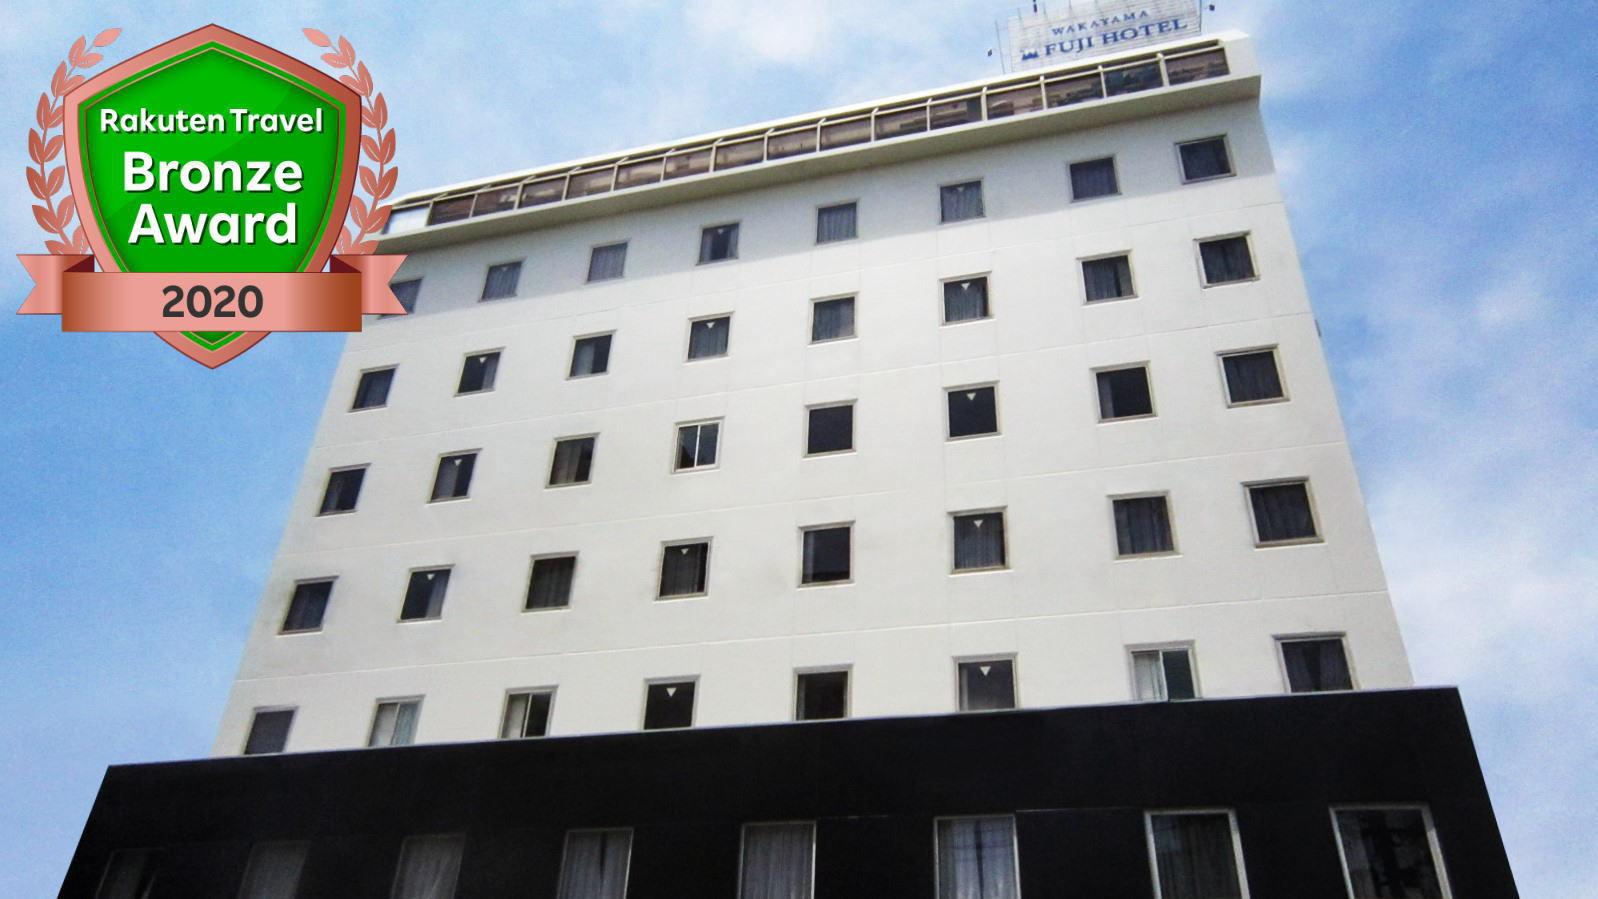 ワカヤマ第1冨士ホテル...